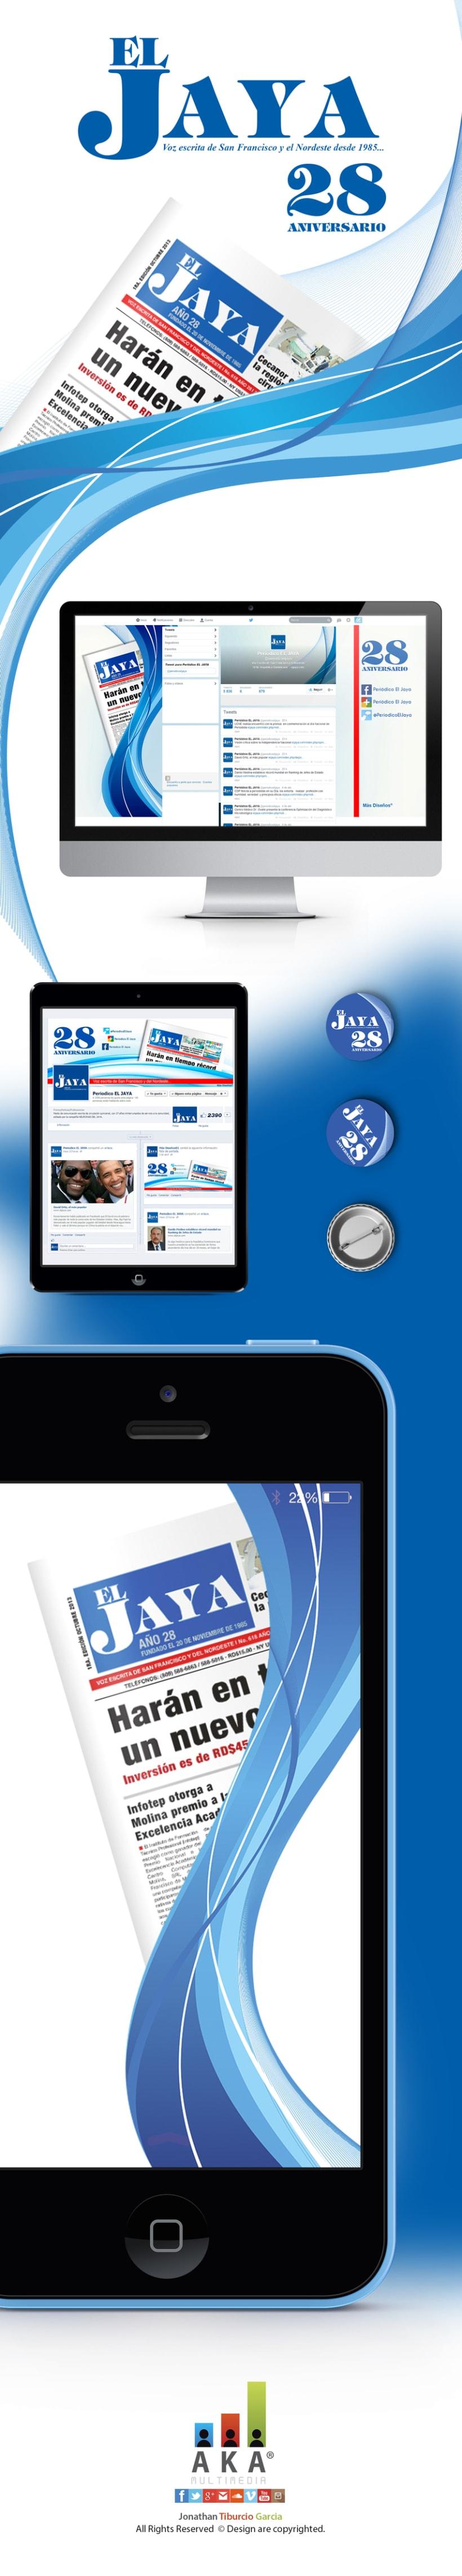 Social Media para 28 Aniv. Periodico El Jaya -1